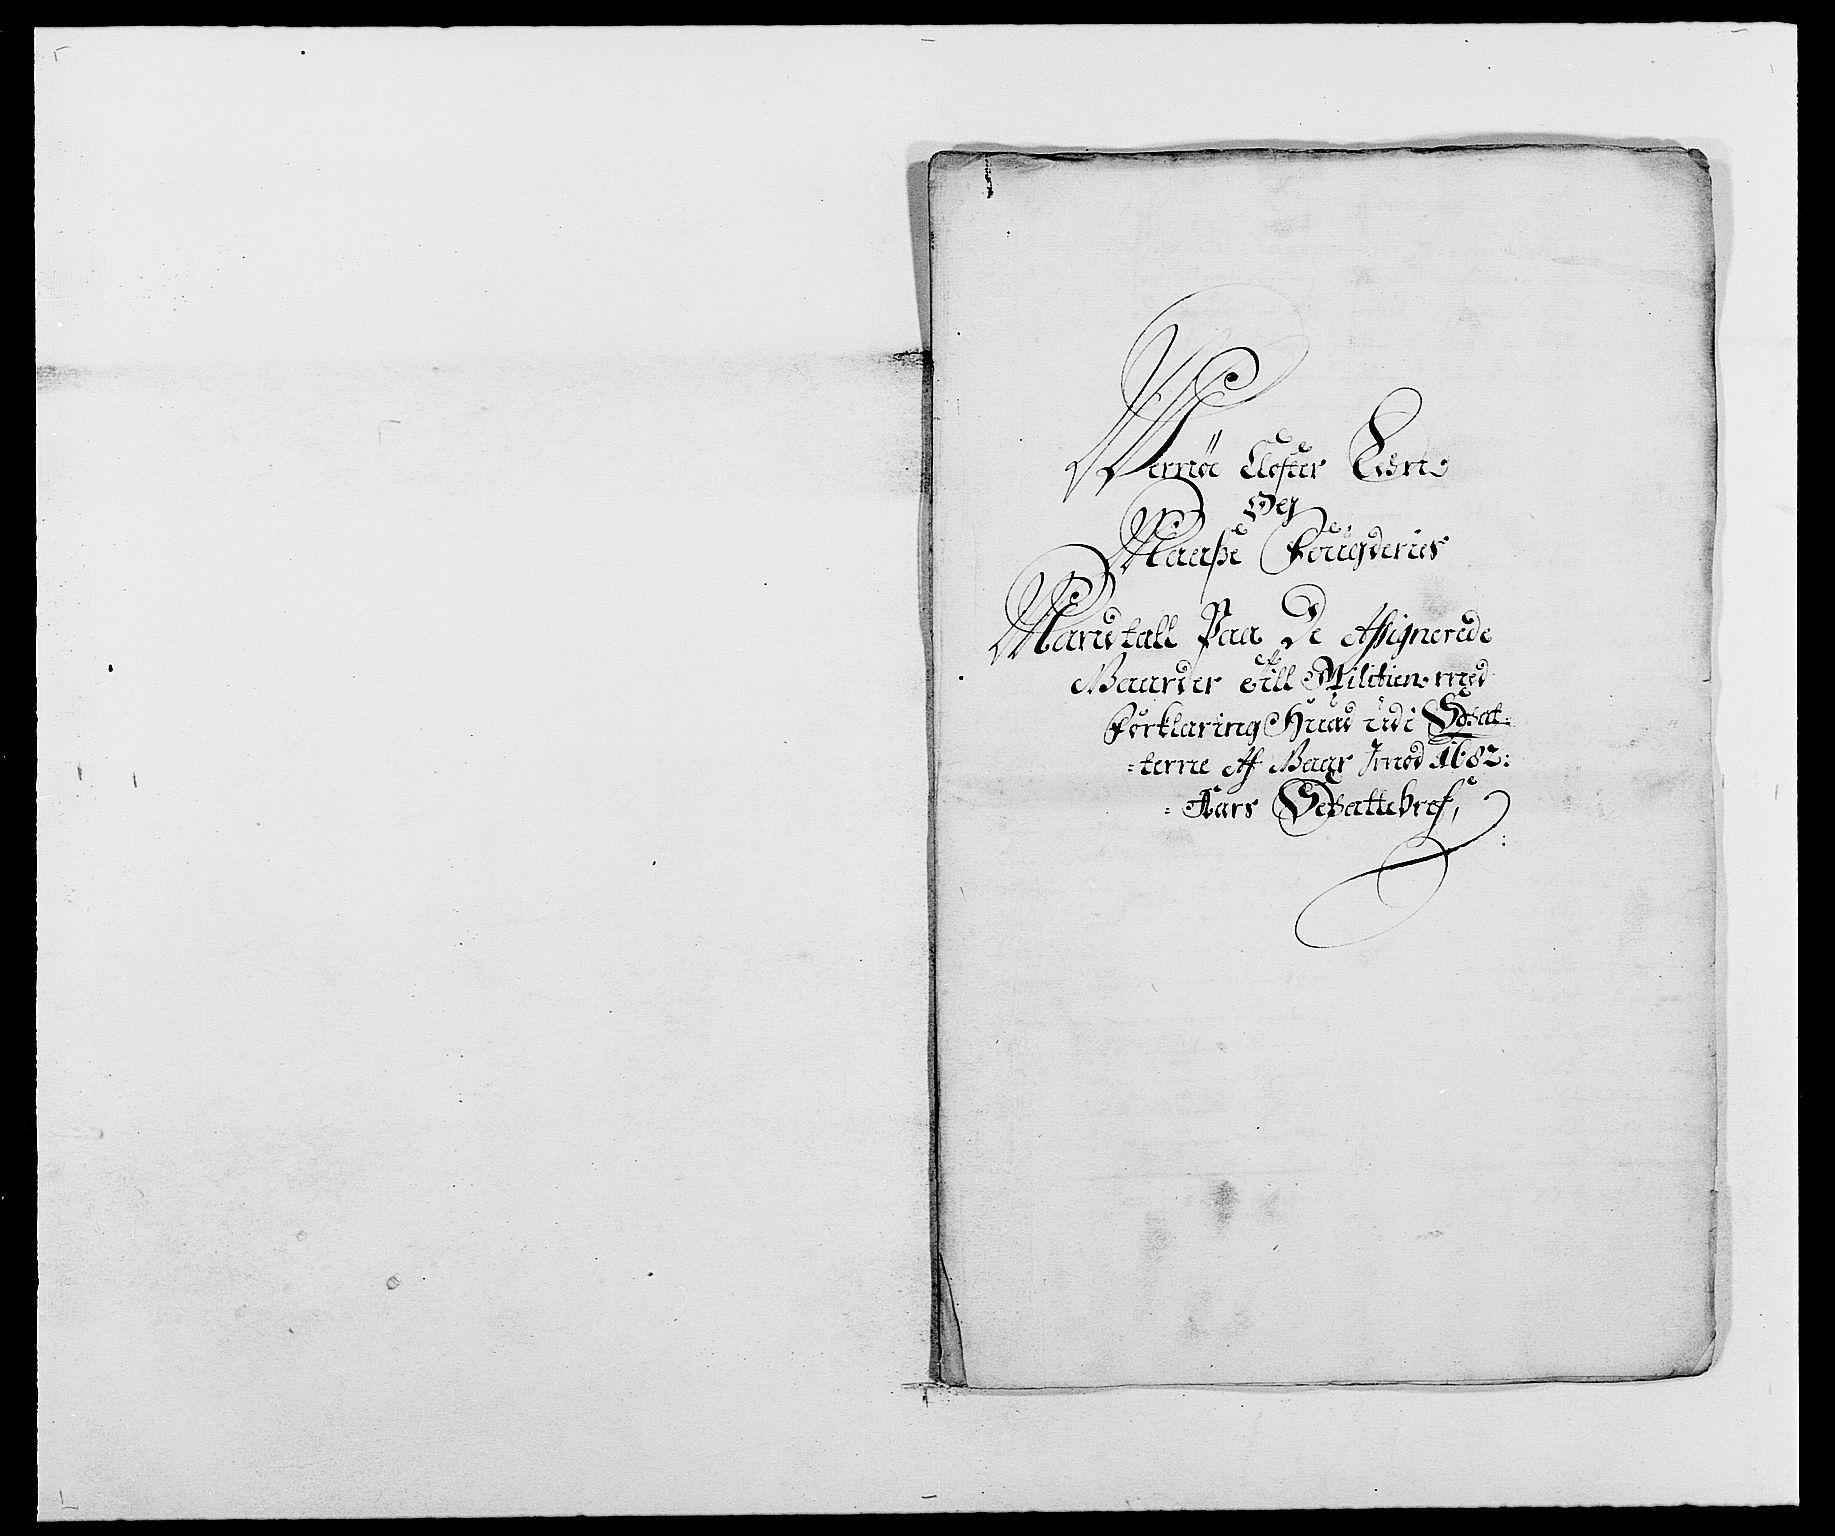 RA, Rentekammeret inntil 1814, Reviderte regnskaper, Fogderegnskap, R02/L0104: Fogderegnskap Moss og Verne kloster, 1682-1684, s. 85